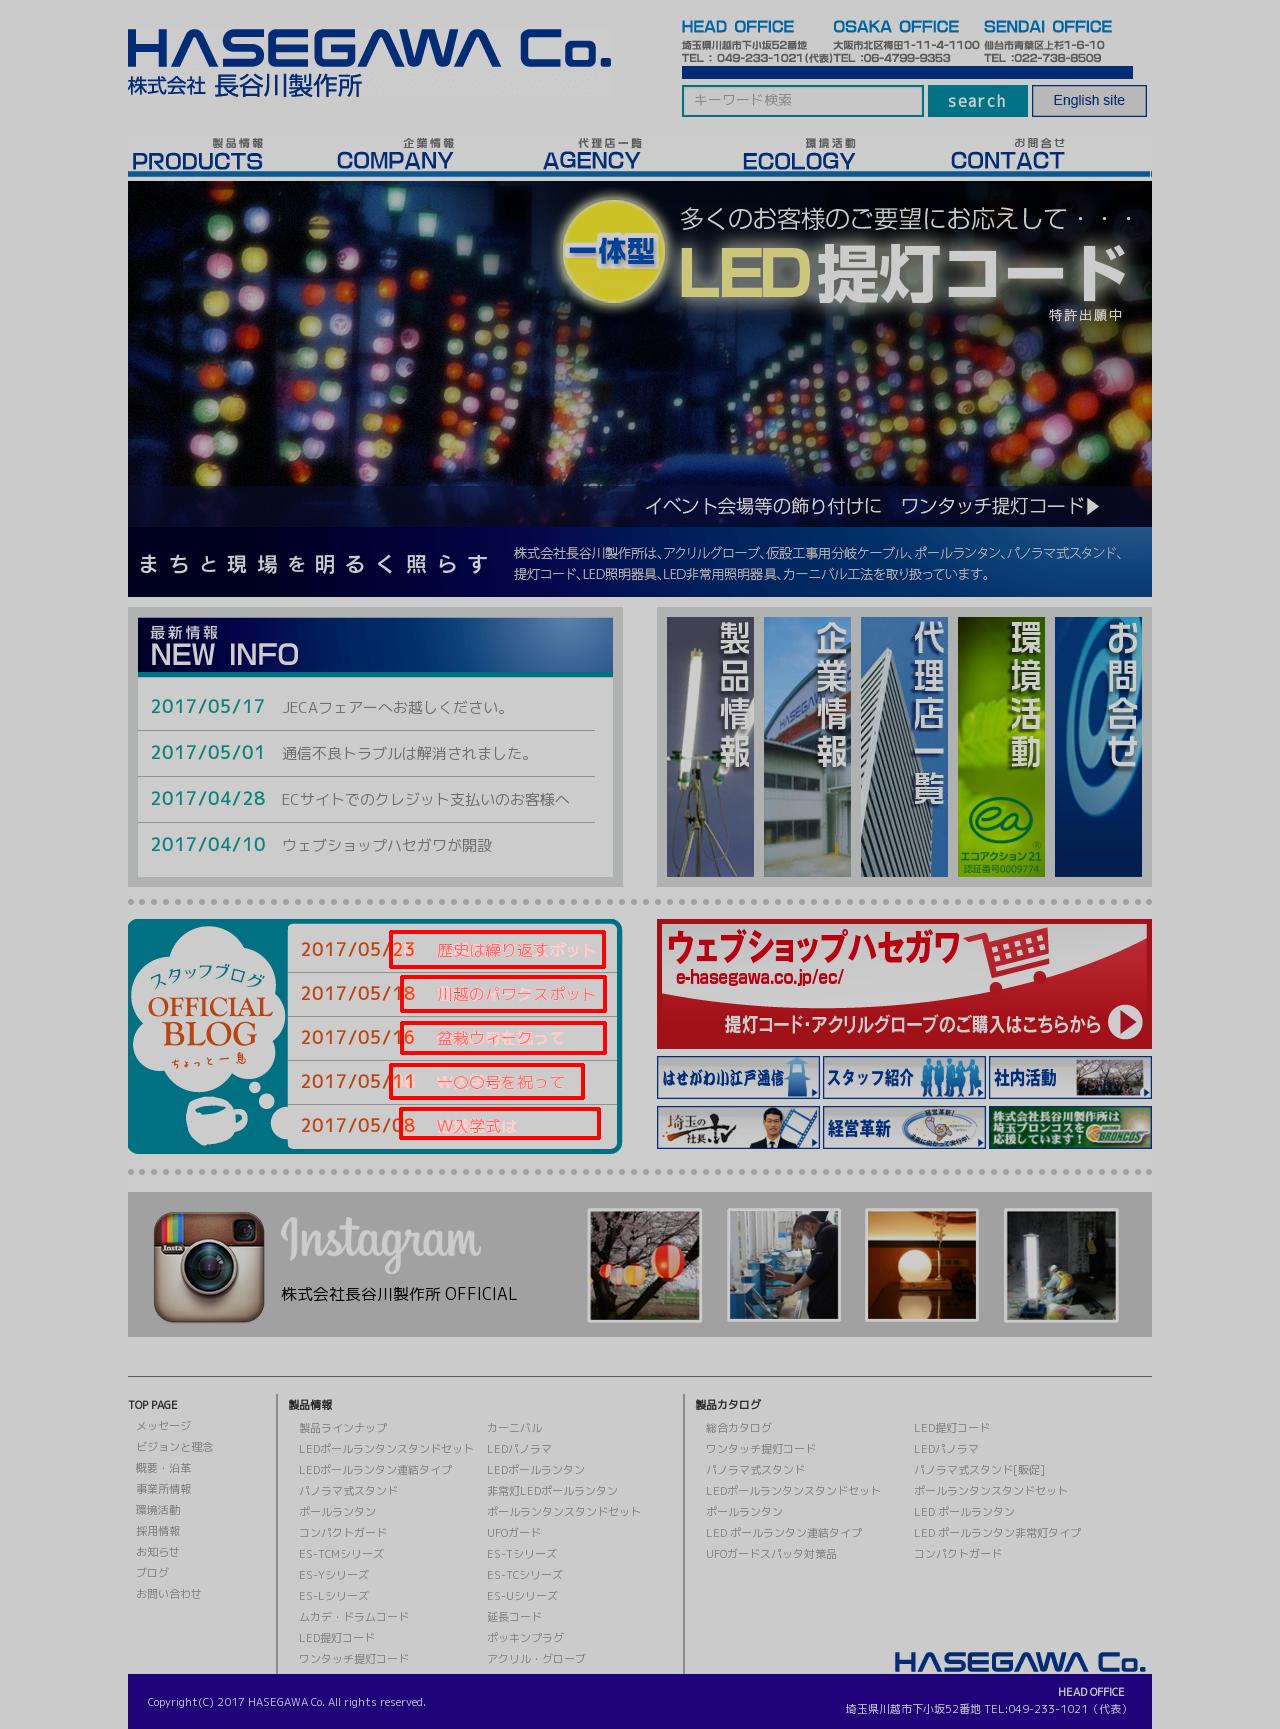 ホームページの改ざん検知事例:イーレンジャー株式会社